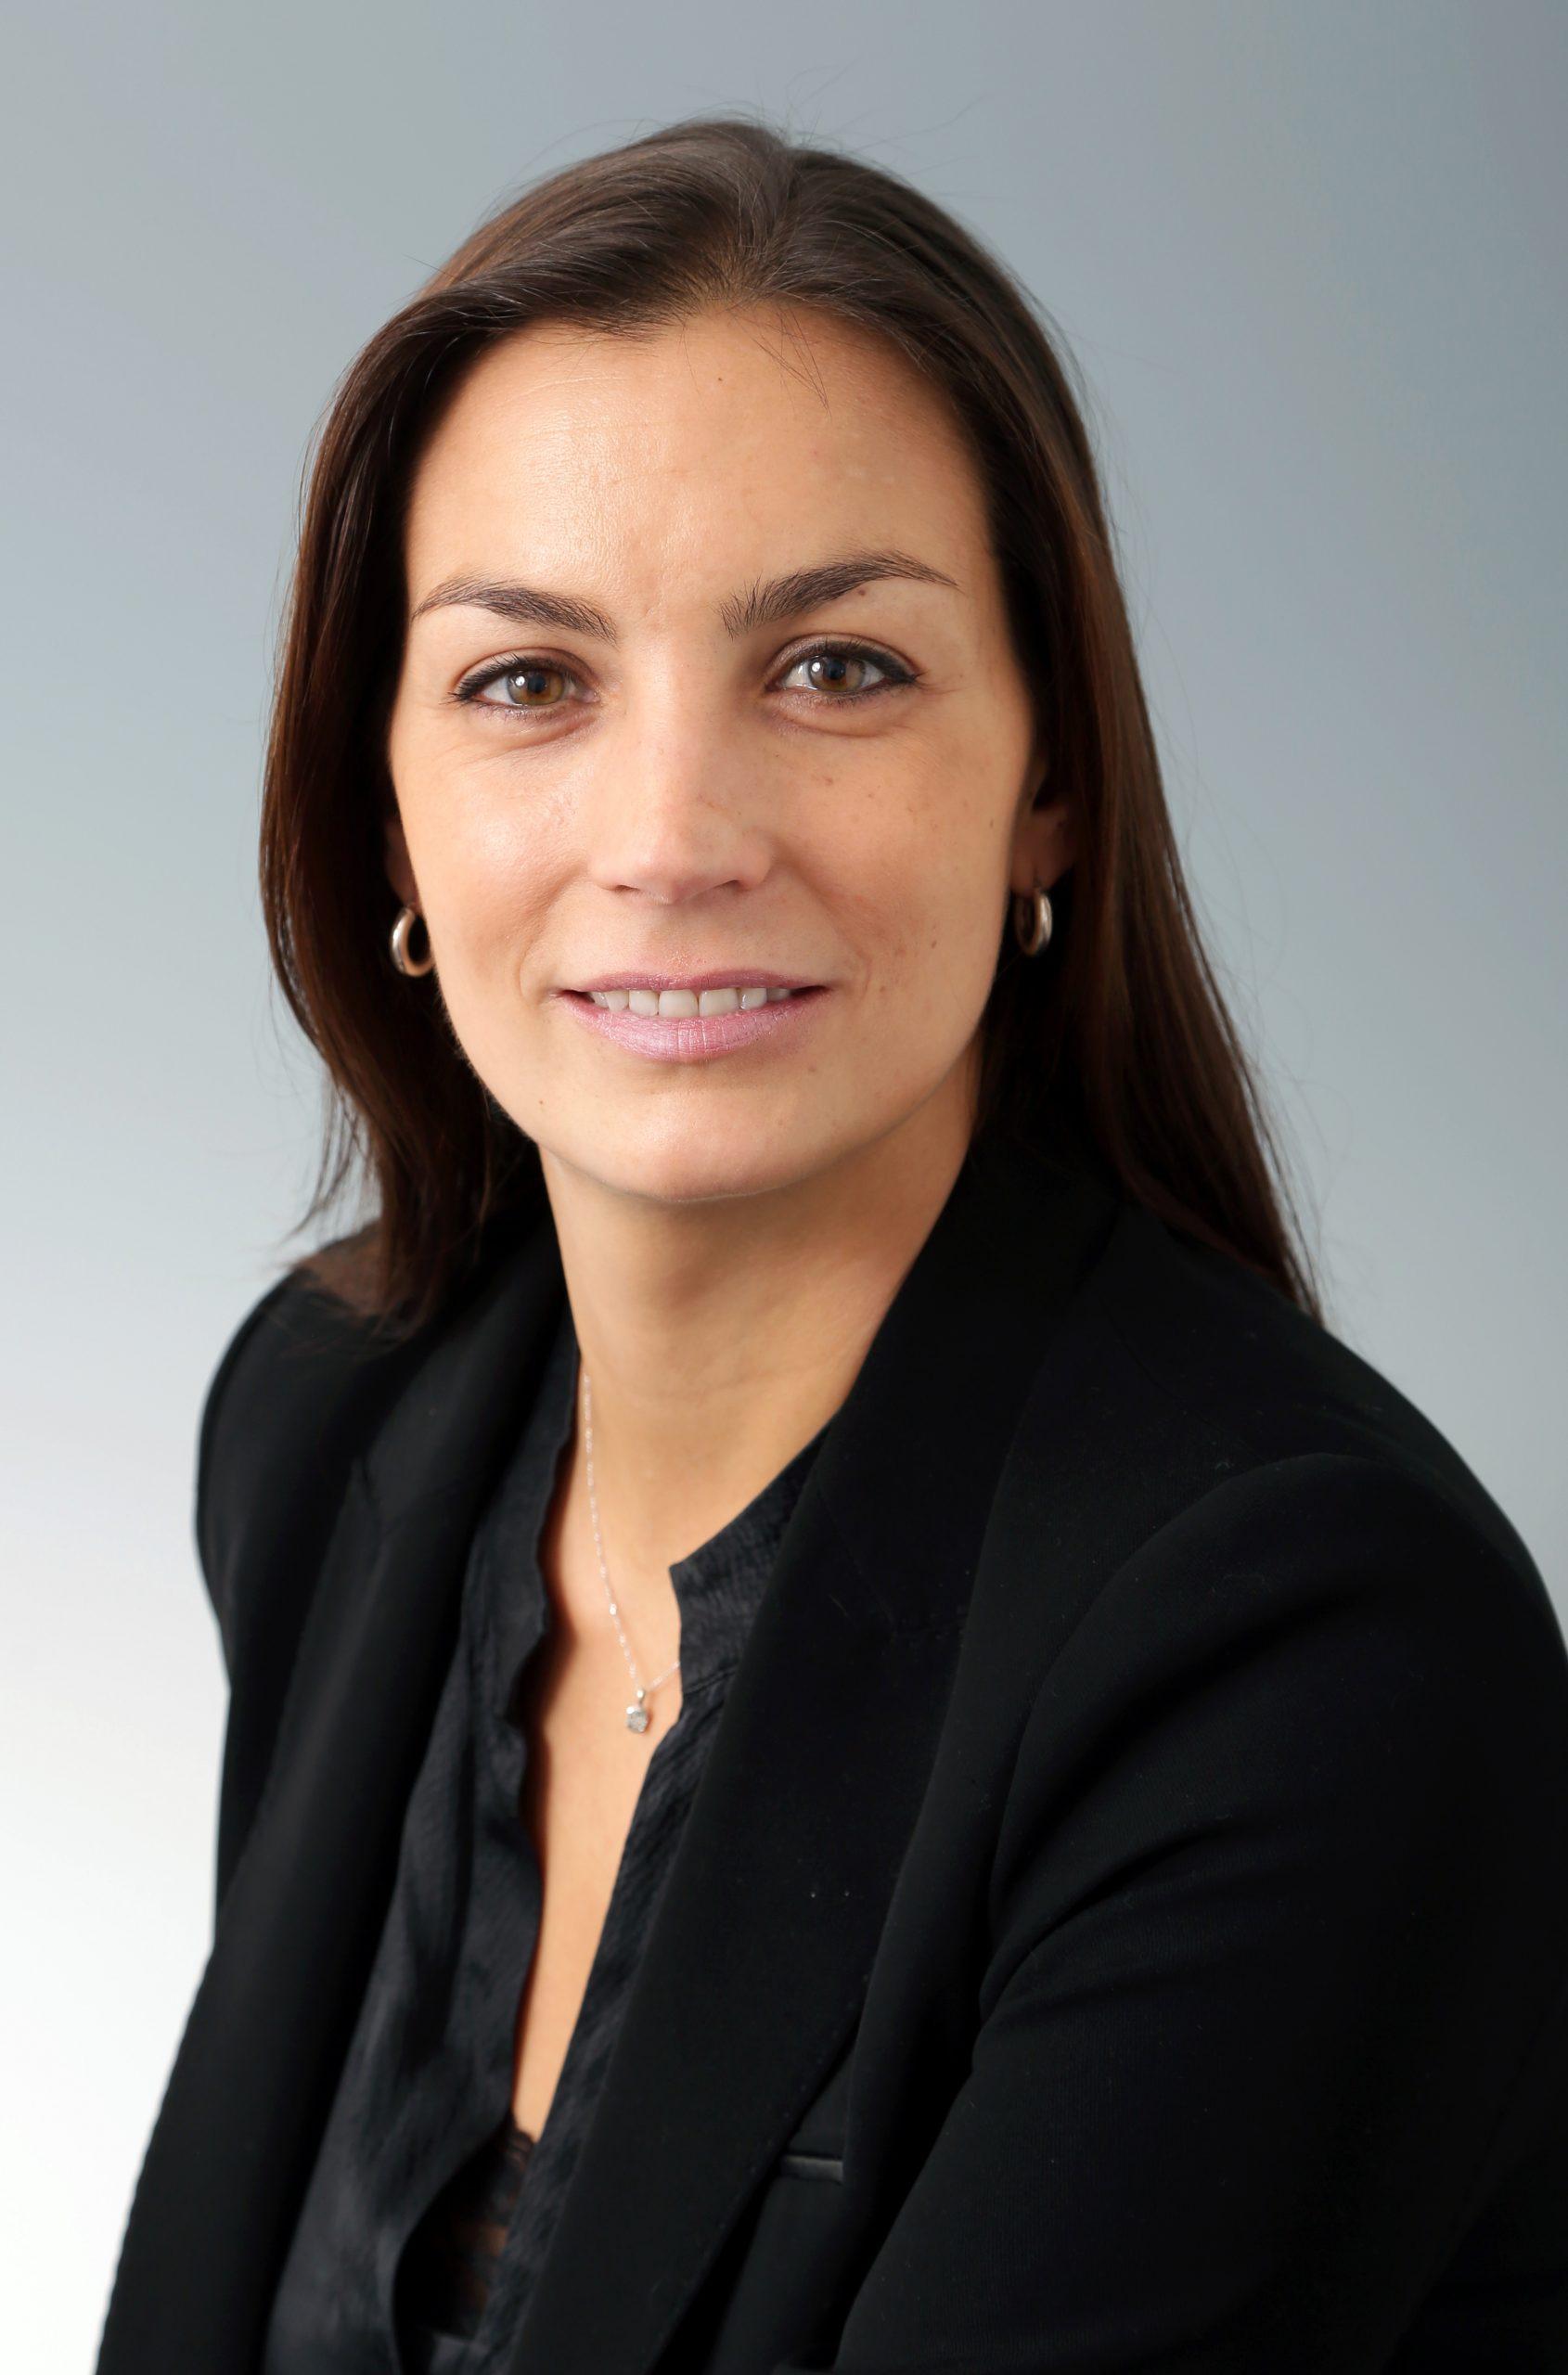 «Notre stratégie est de prendre des participations dans des PMEs locales» Entretien exclusif avec Aurélie Pujo, Secrétaire Générale d'Amethis, à la veille de BIG 2021 !